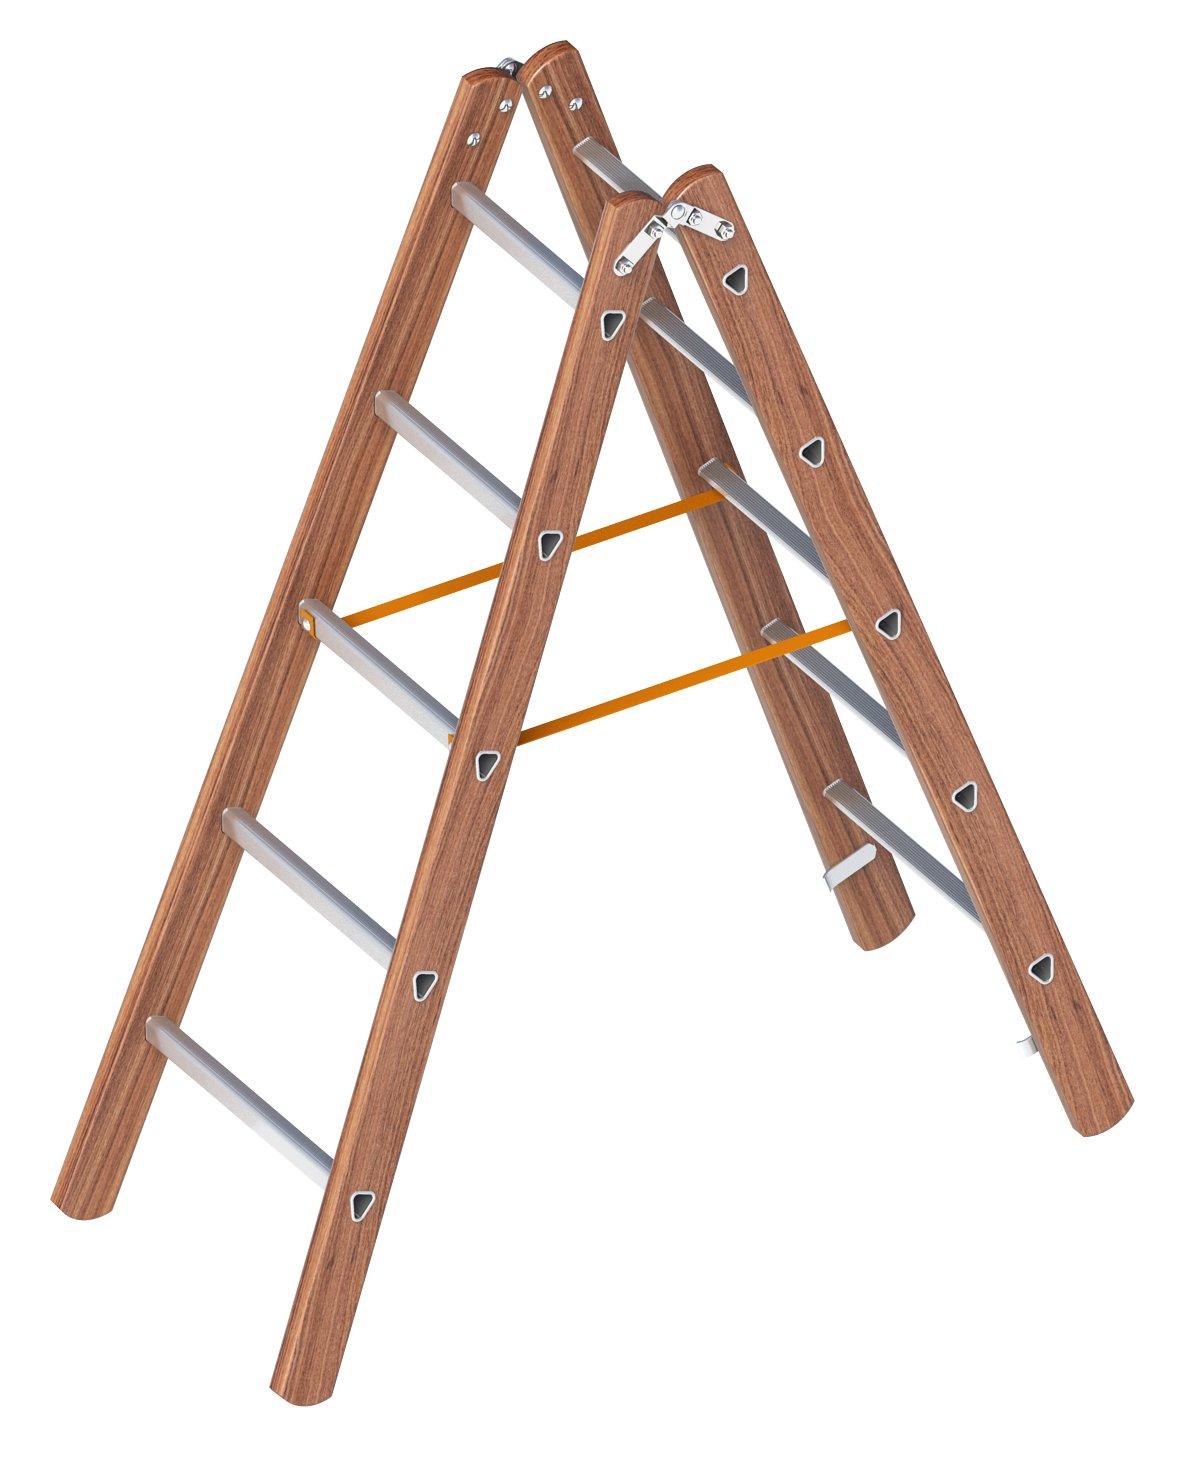 Layher 1028005 ligero de pie escalera, madera de aluminio escalera de tijera (2 x 5 peldaños, ambos lados, plegable, longitud 1.55 m: Amazon.es: Bricolaje y herramientas